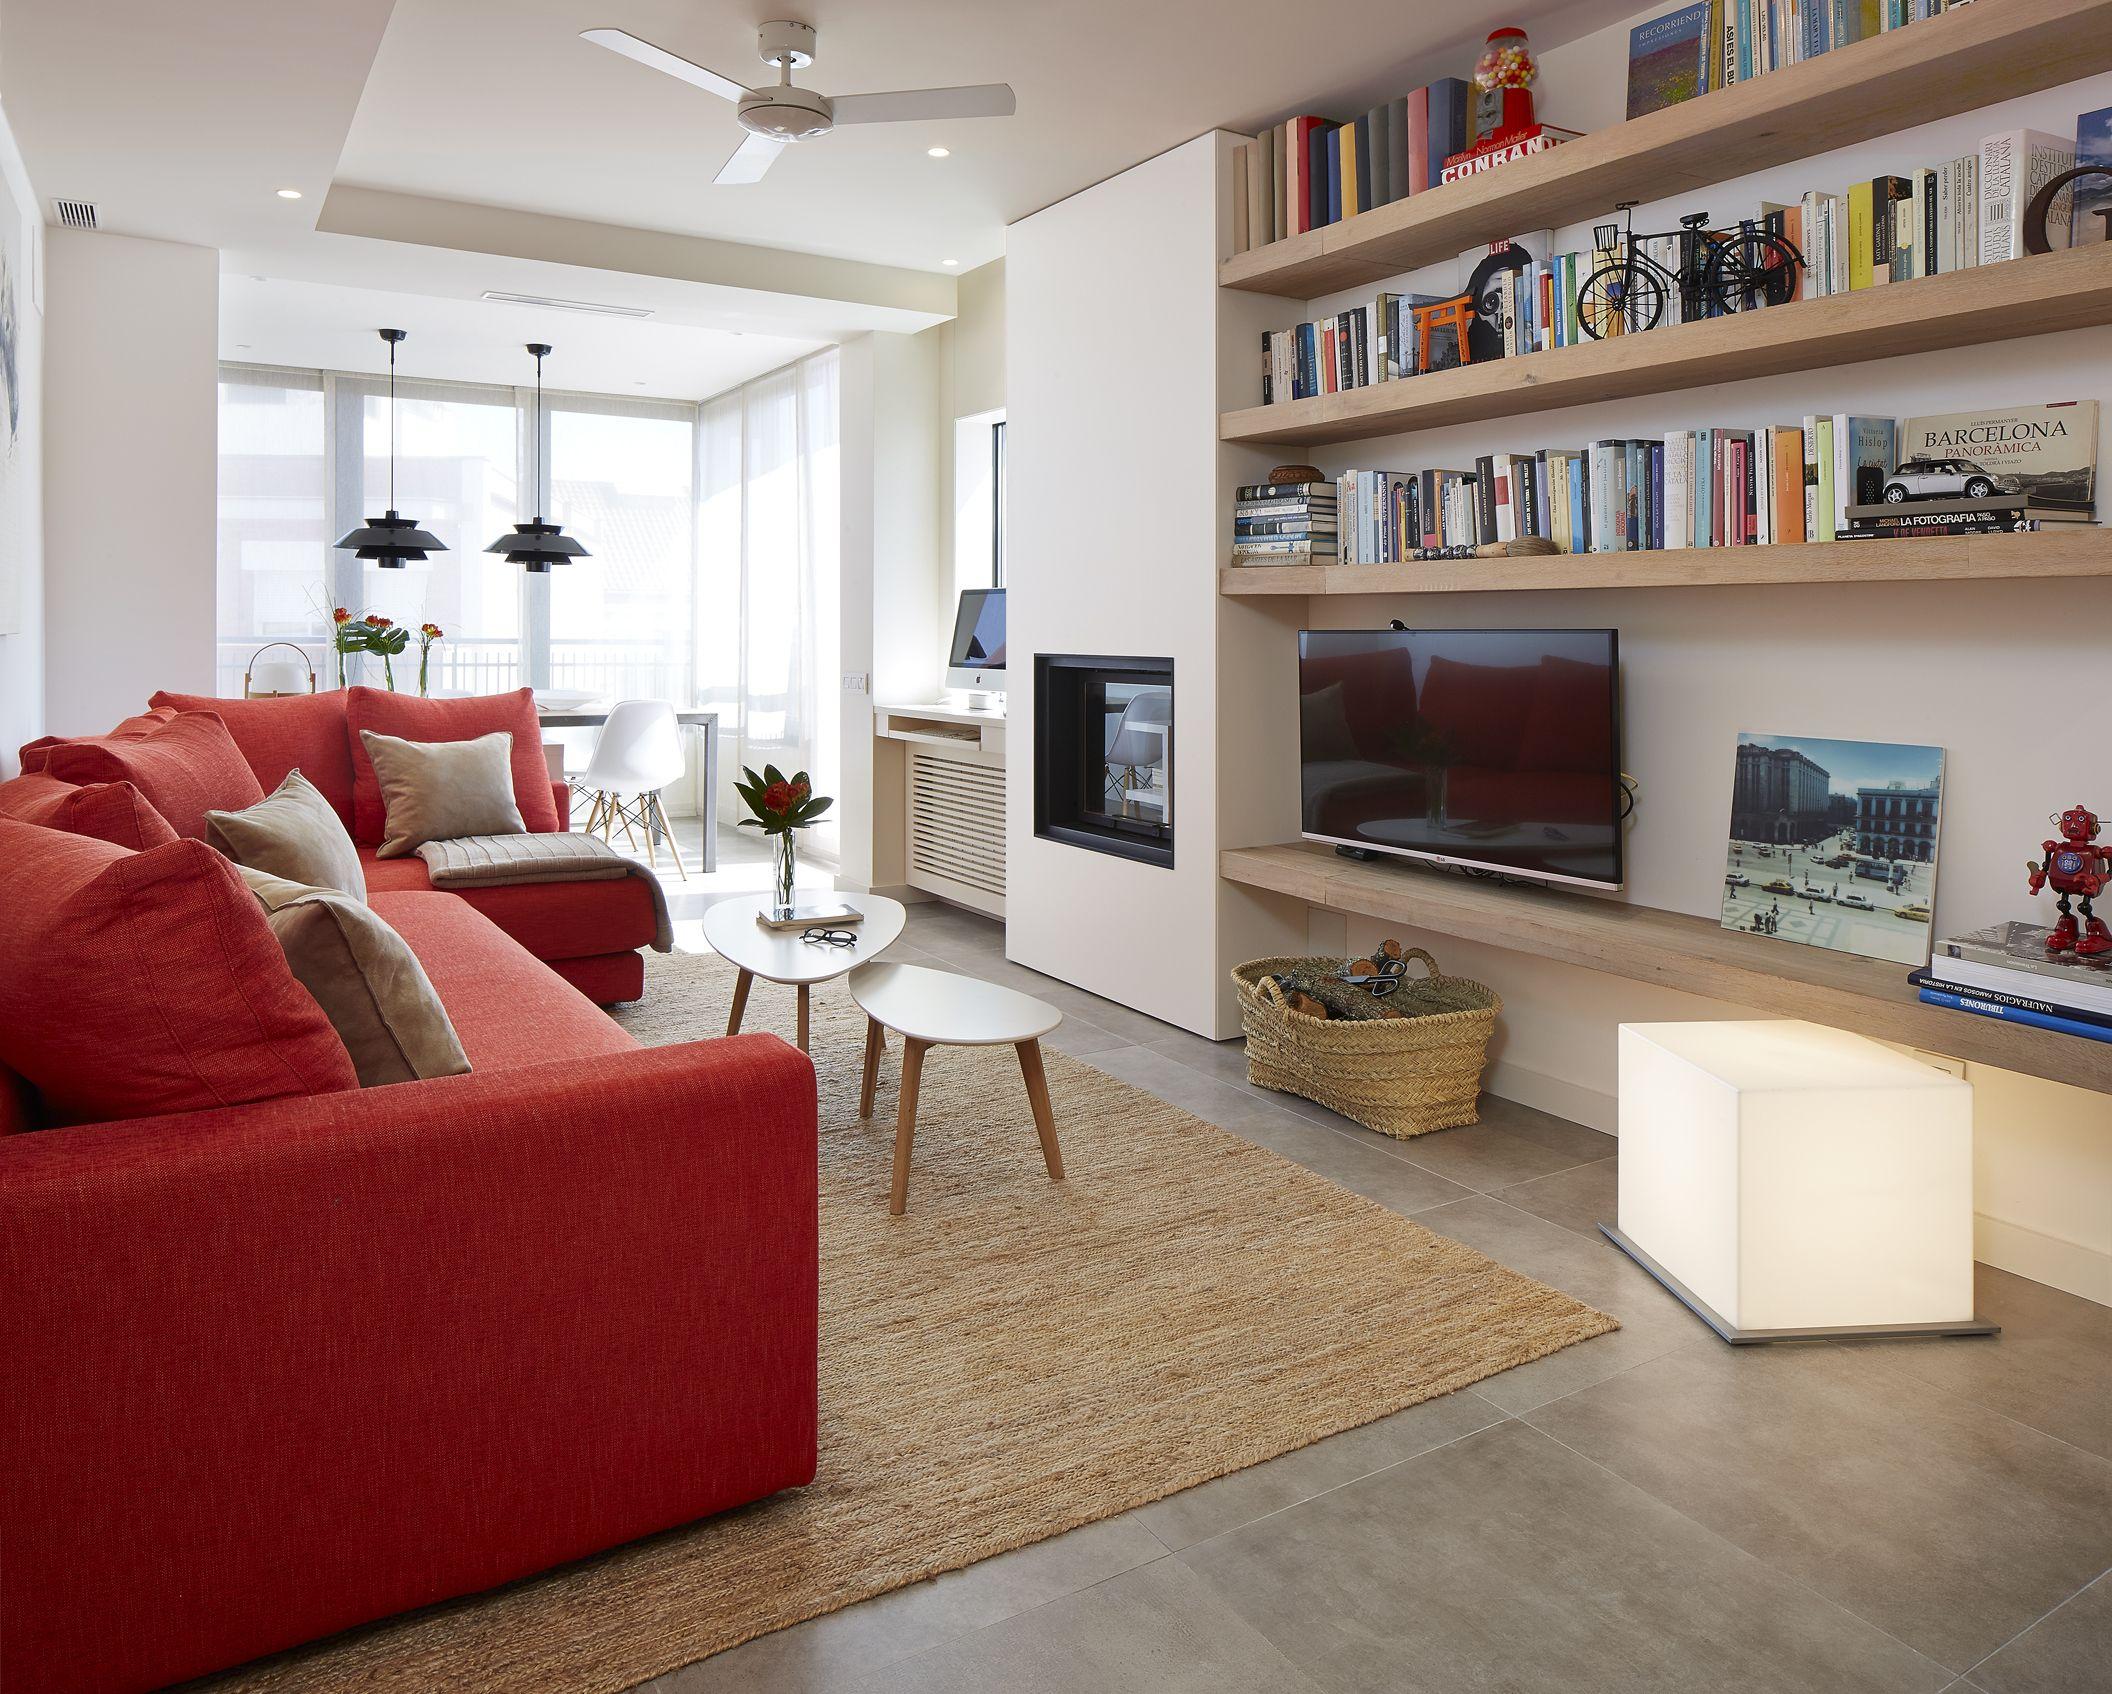 Molins interiors arquitectura interior interiorismo for Decoracion salon comedor